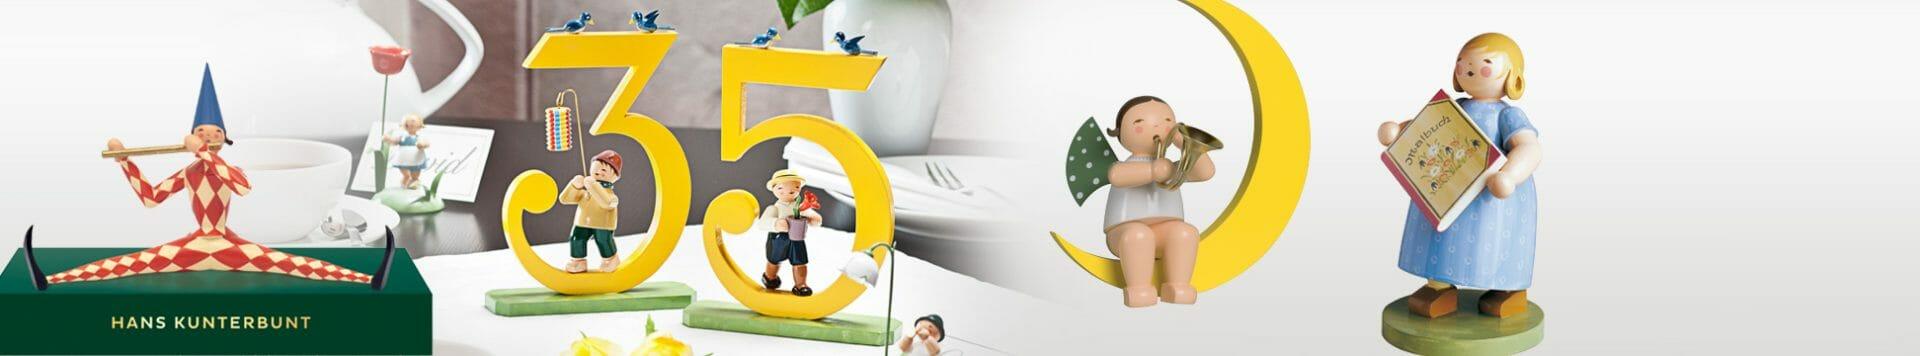 Large Figurine Header image